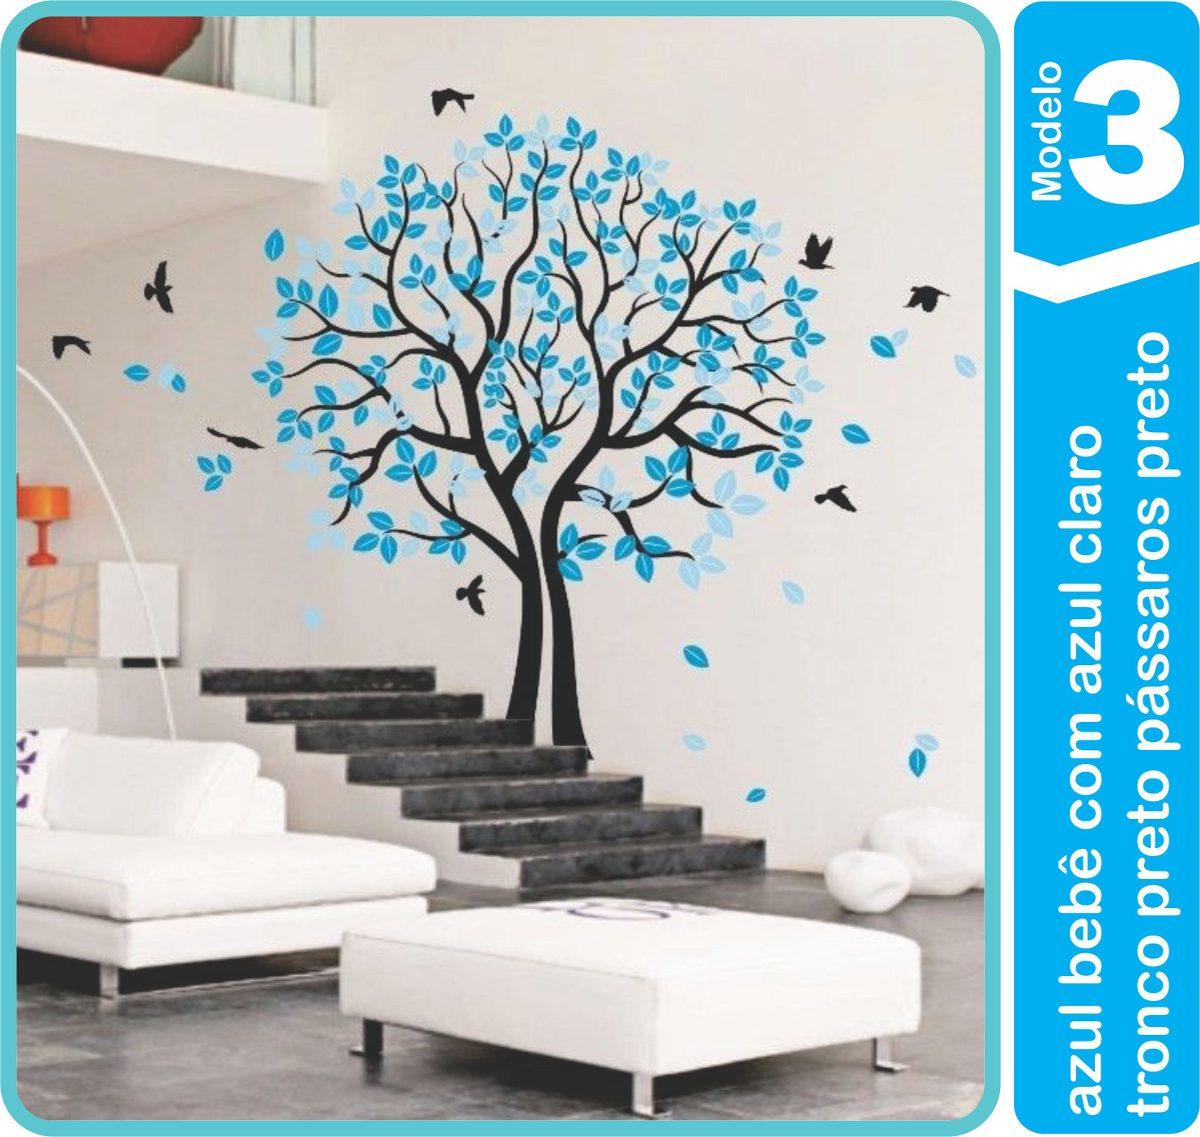 e9e8dfaa8 Adesivo Parede Árvore Pássaros Galhos 2